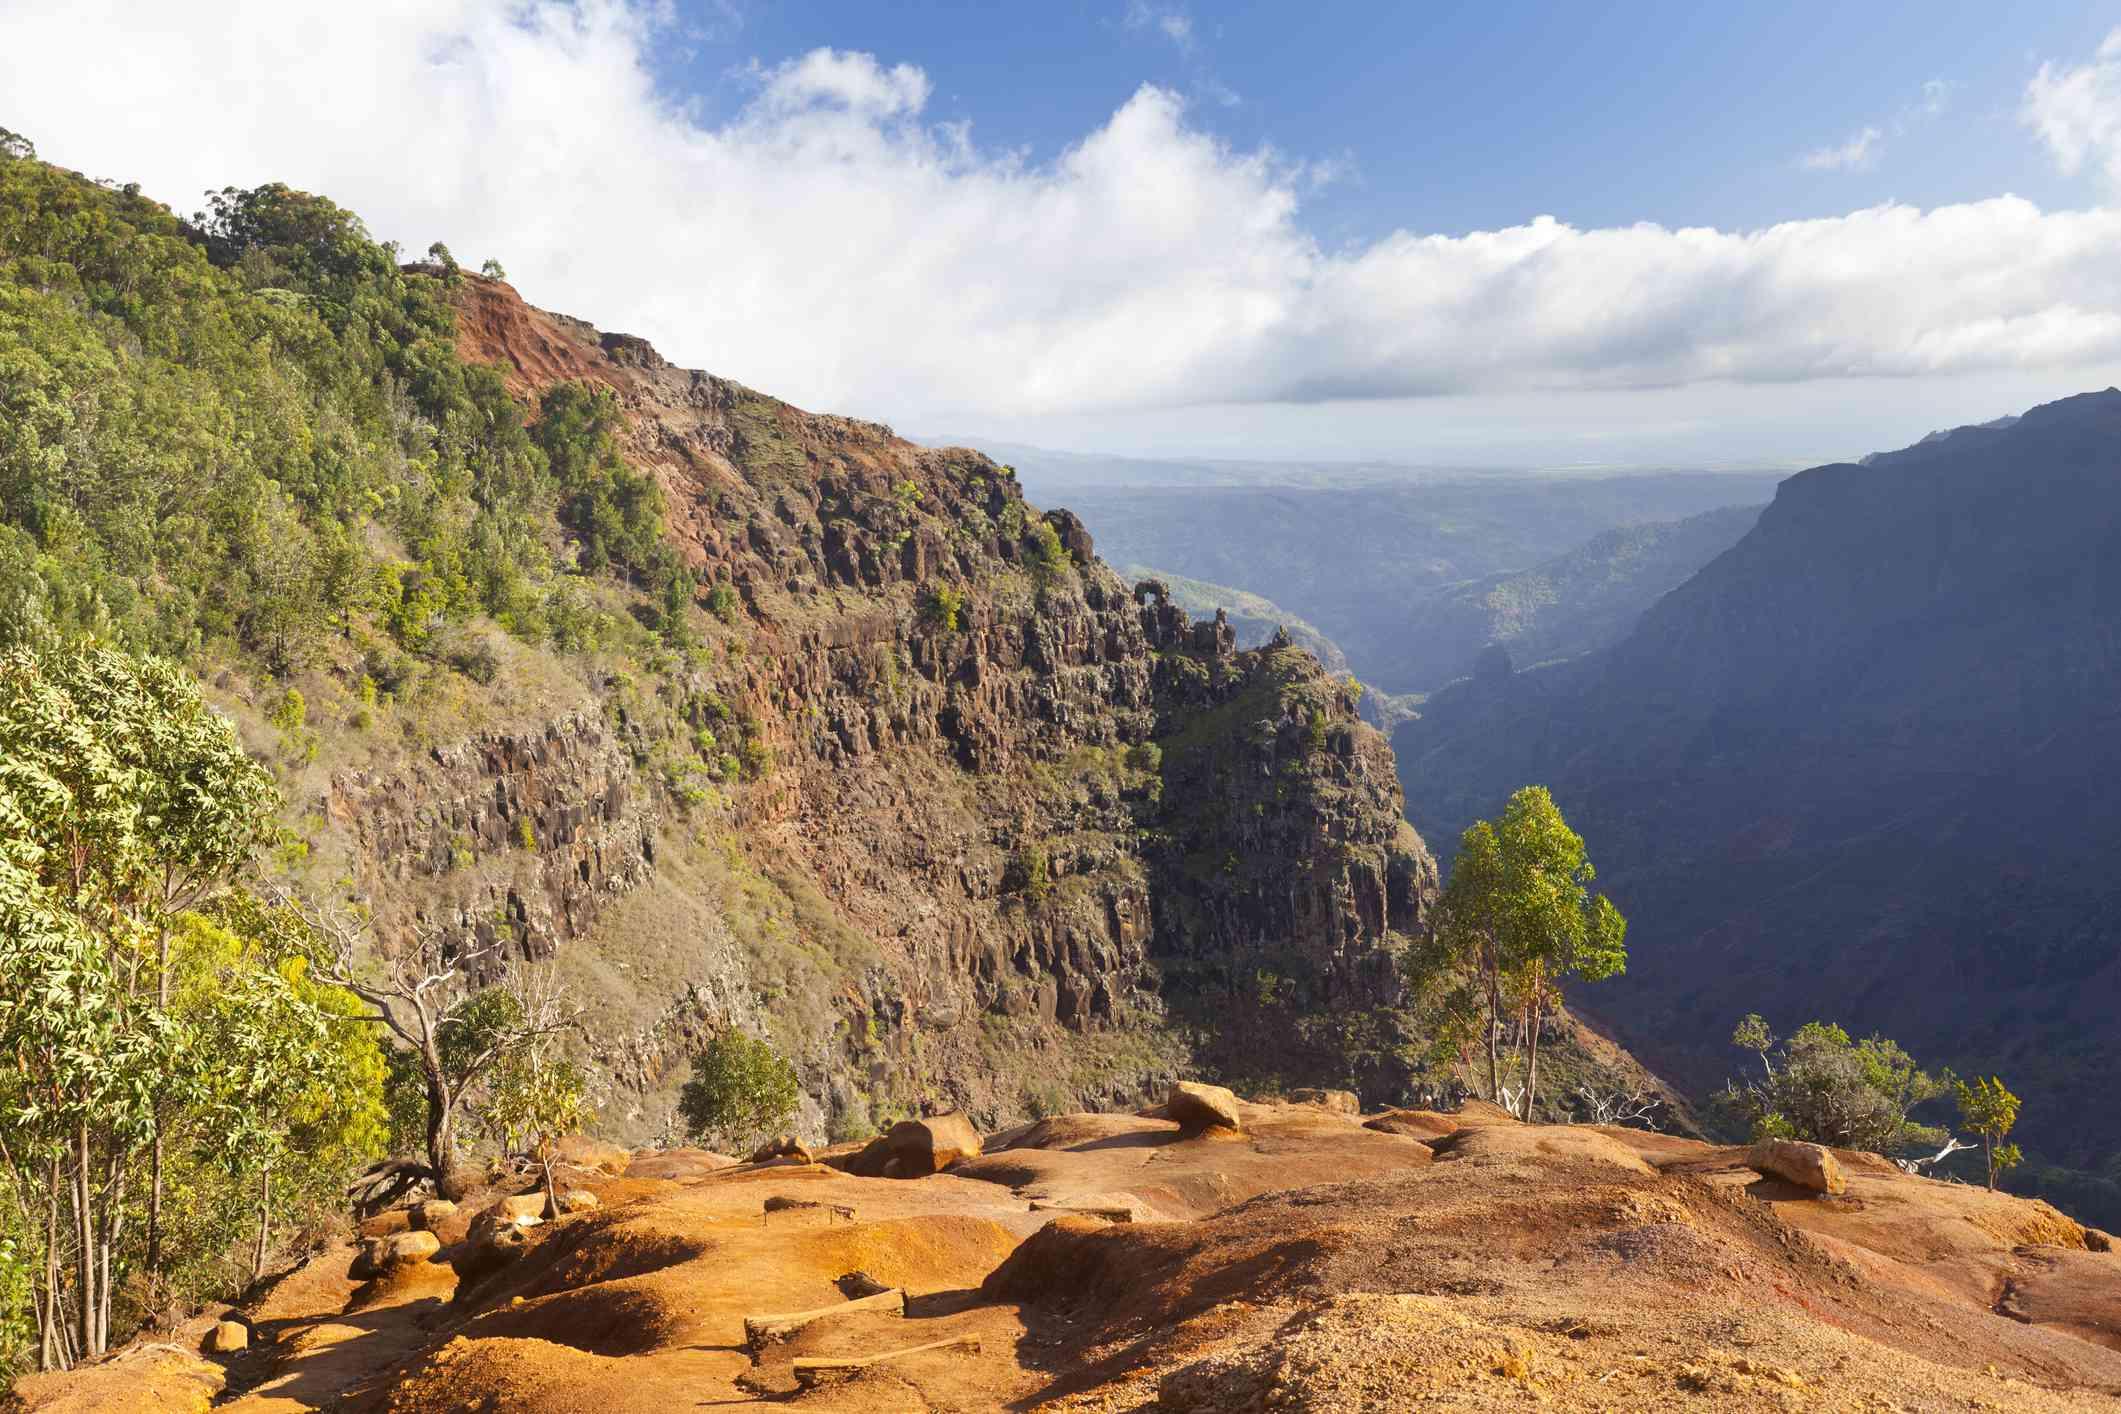 Waimea Canyon trail on the island of Kauai